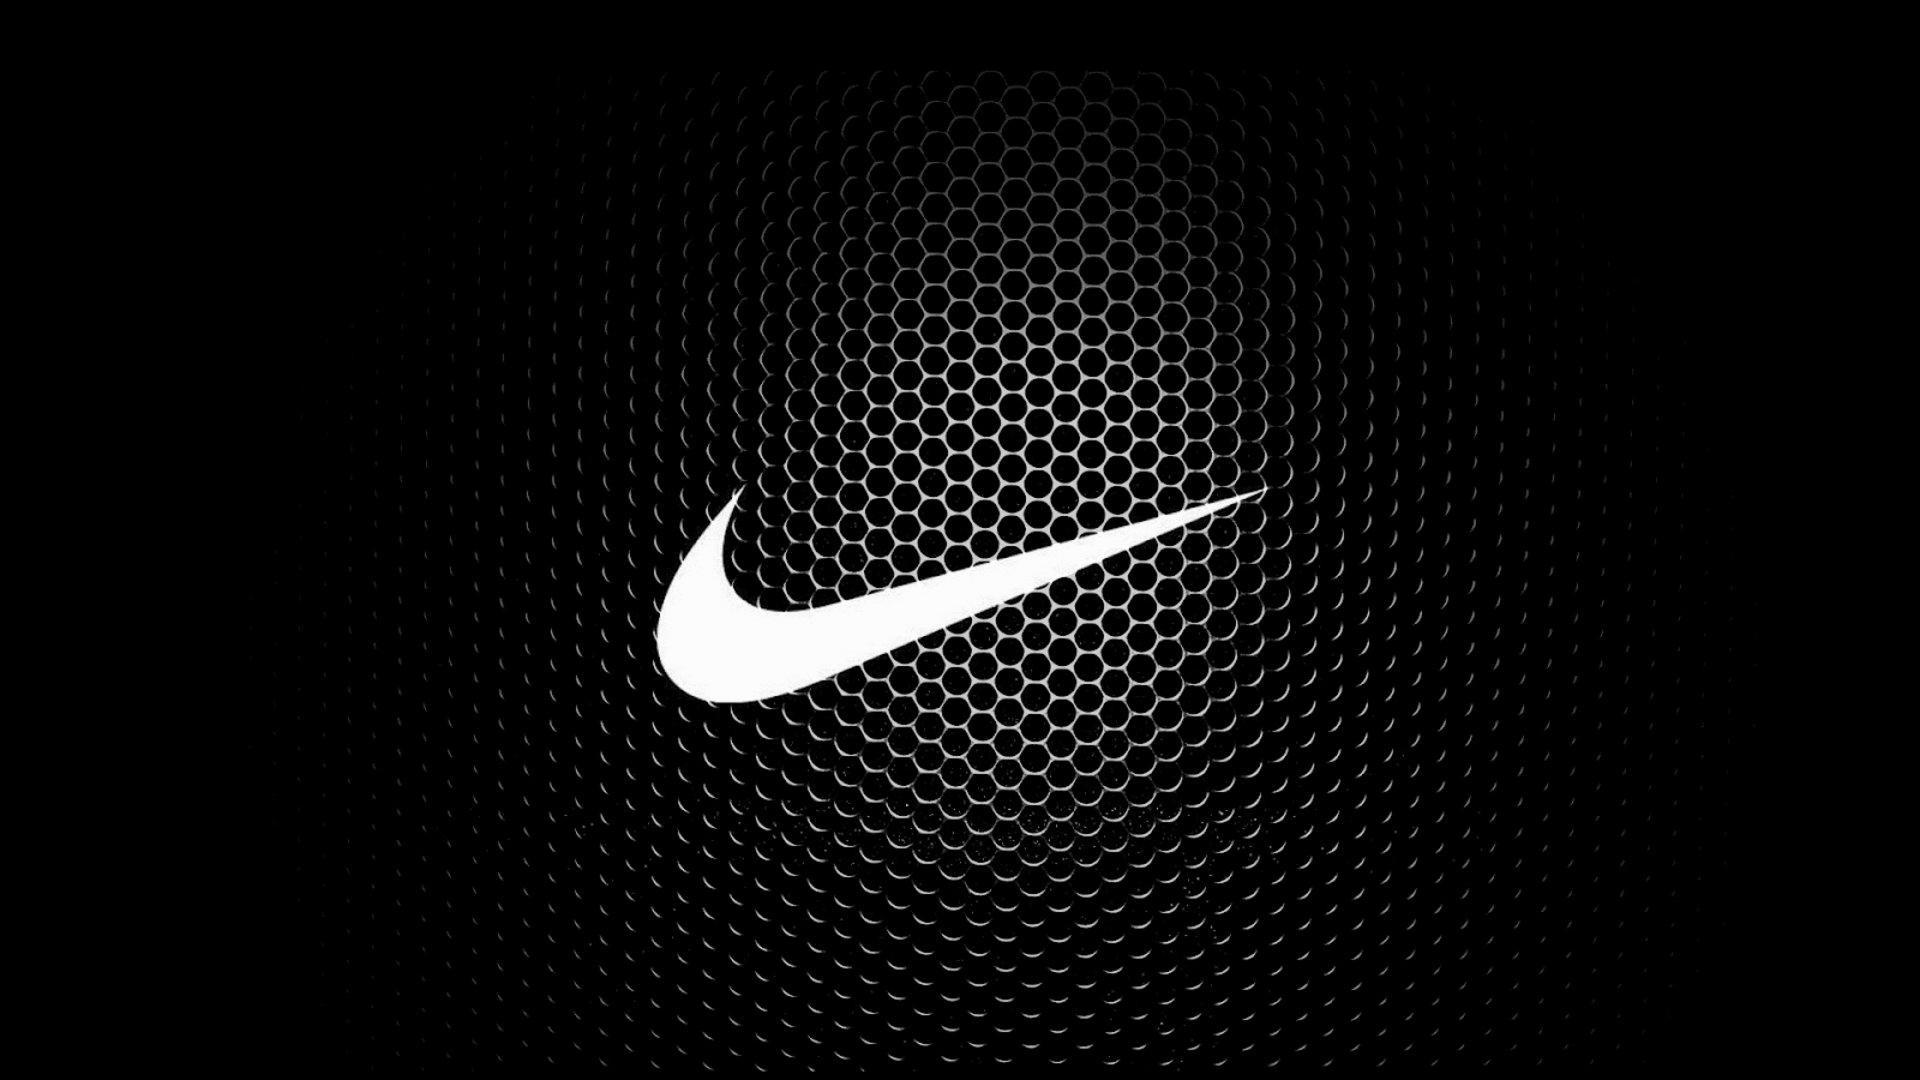 Logo-Black-Nike-Iphone-Backgrounds